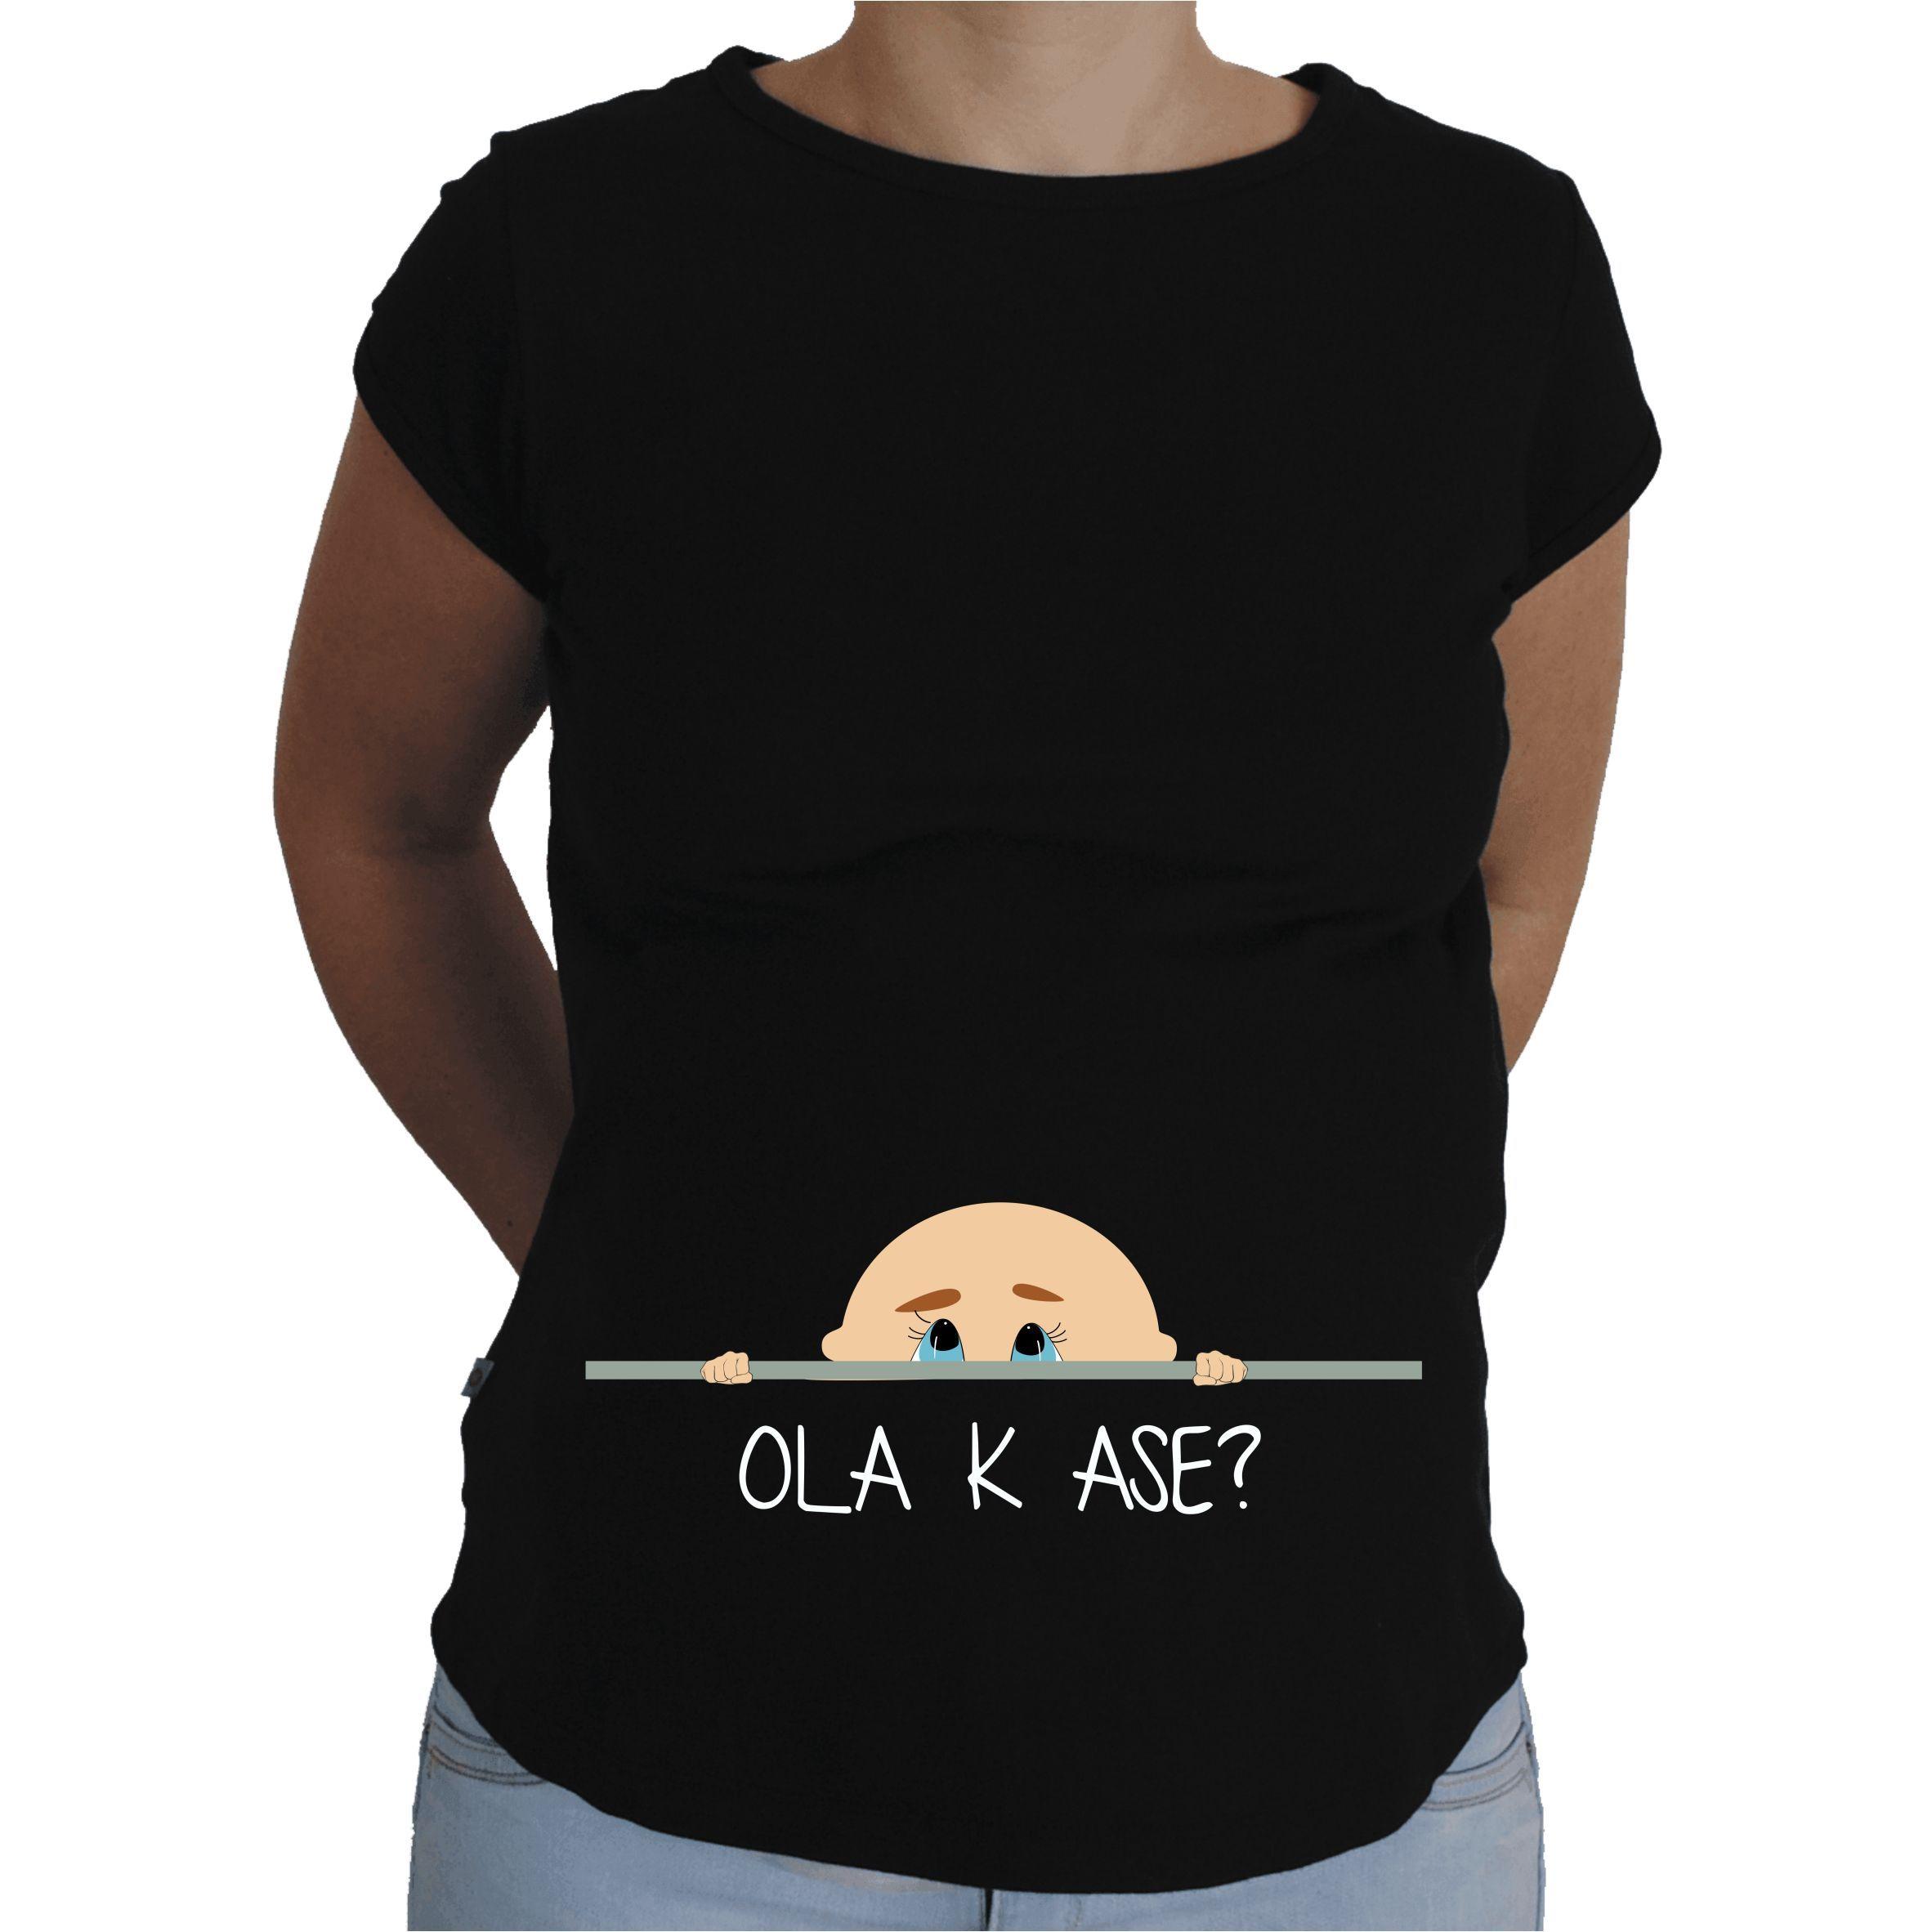 9204fb2ae0d Camiseta para embarazada Divertida - Bebe chico cotilla. | Poleras ...